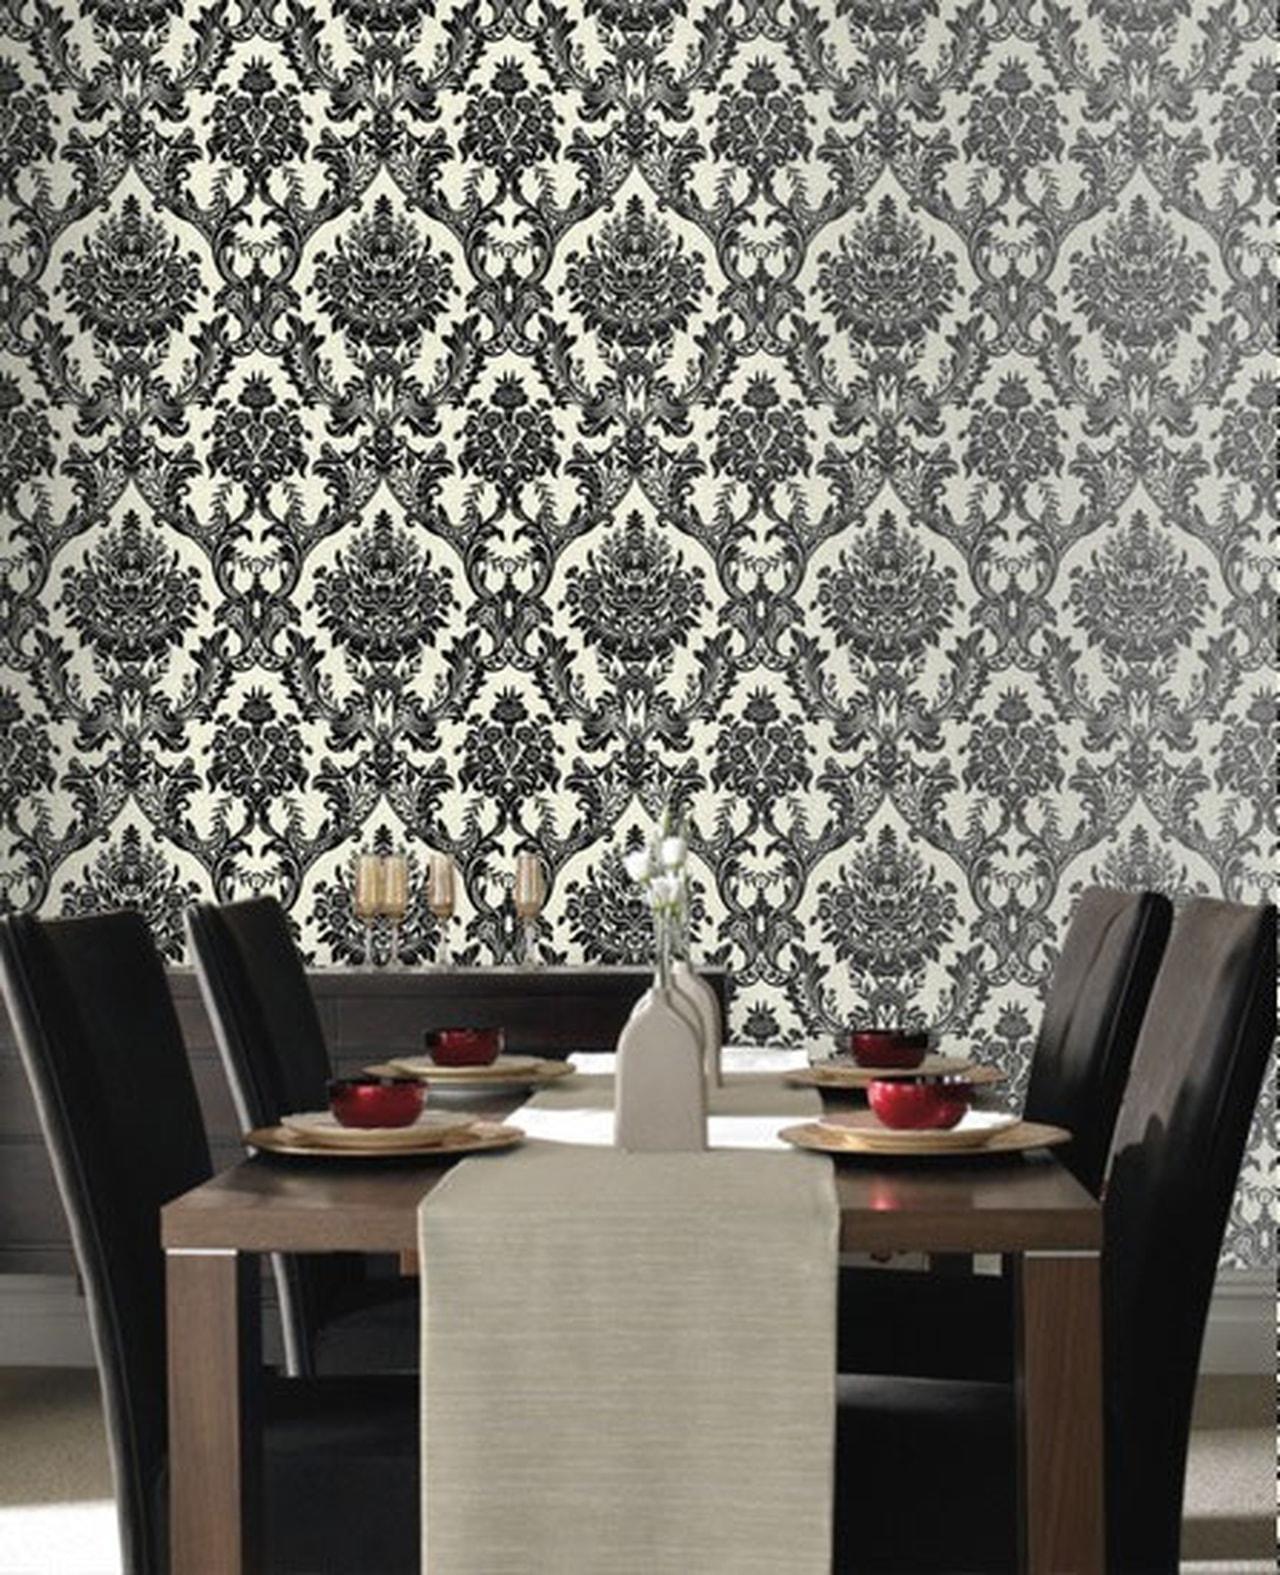 بالصور ورق جدران رمادي , اشيك ورق حائط باللون الرمادي الجميل 4319 9